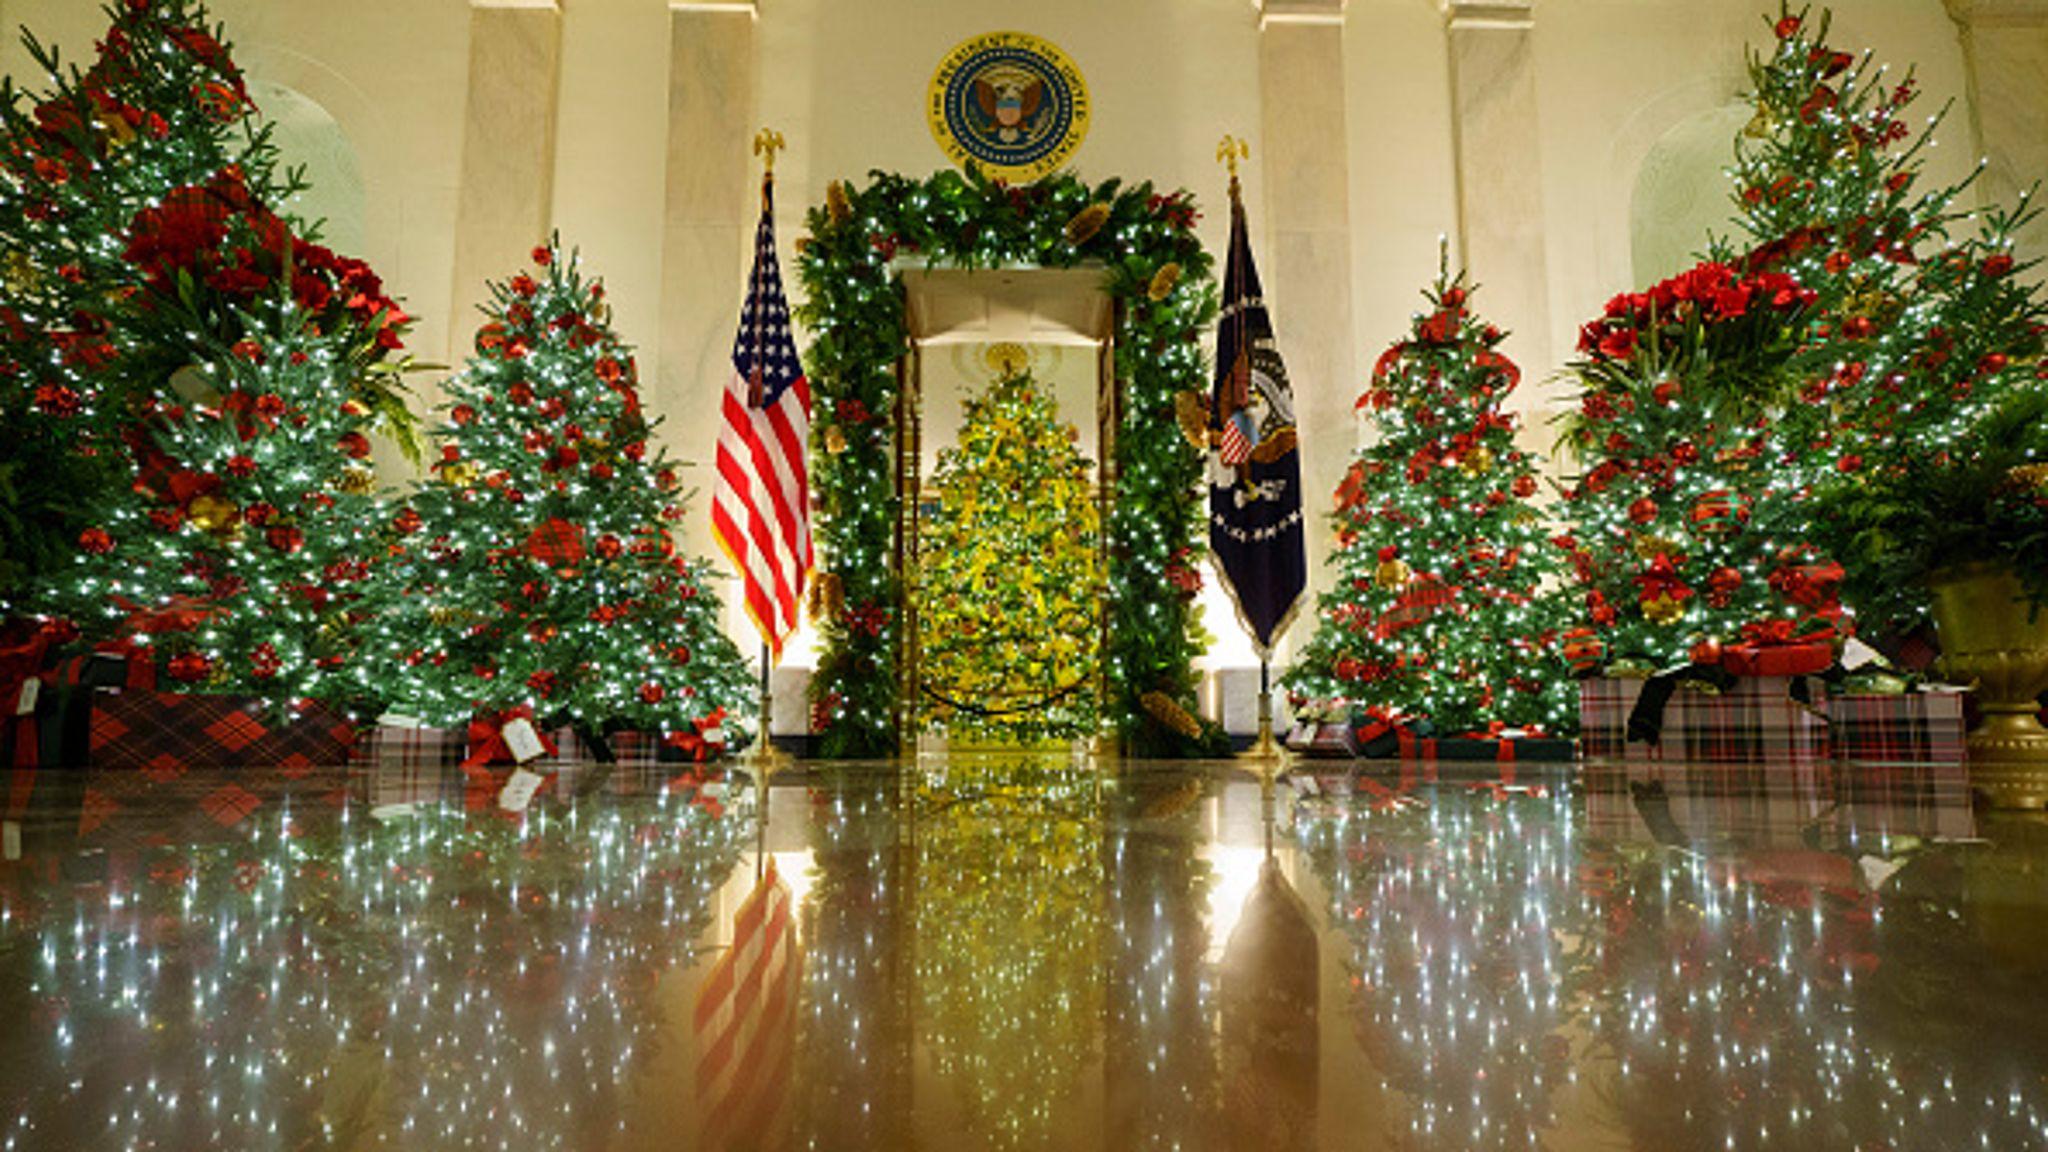 2021 White House Christmas Handmaids Melania Trump Unveils White House Christmas Decorations Weeks After Secret Recording Revealed Us News Sky News